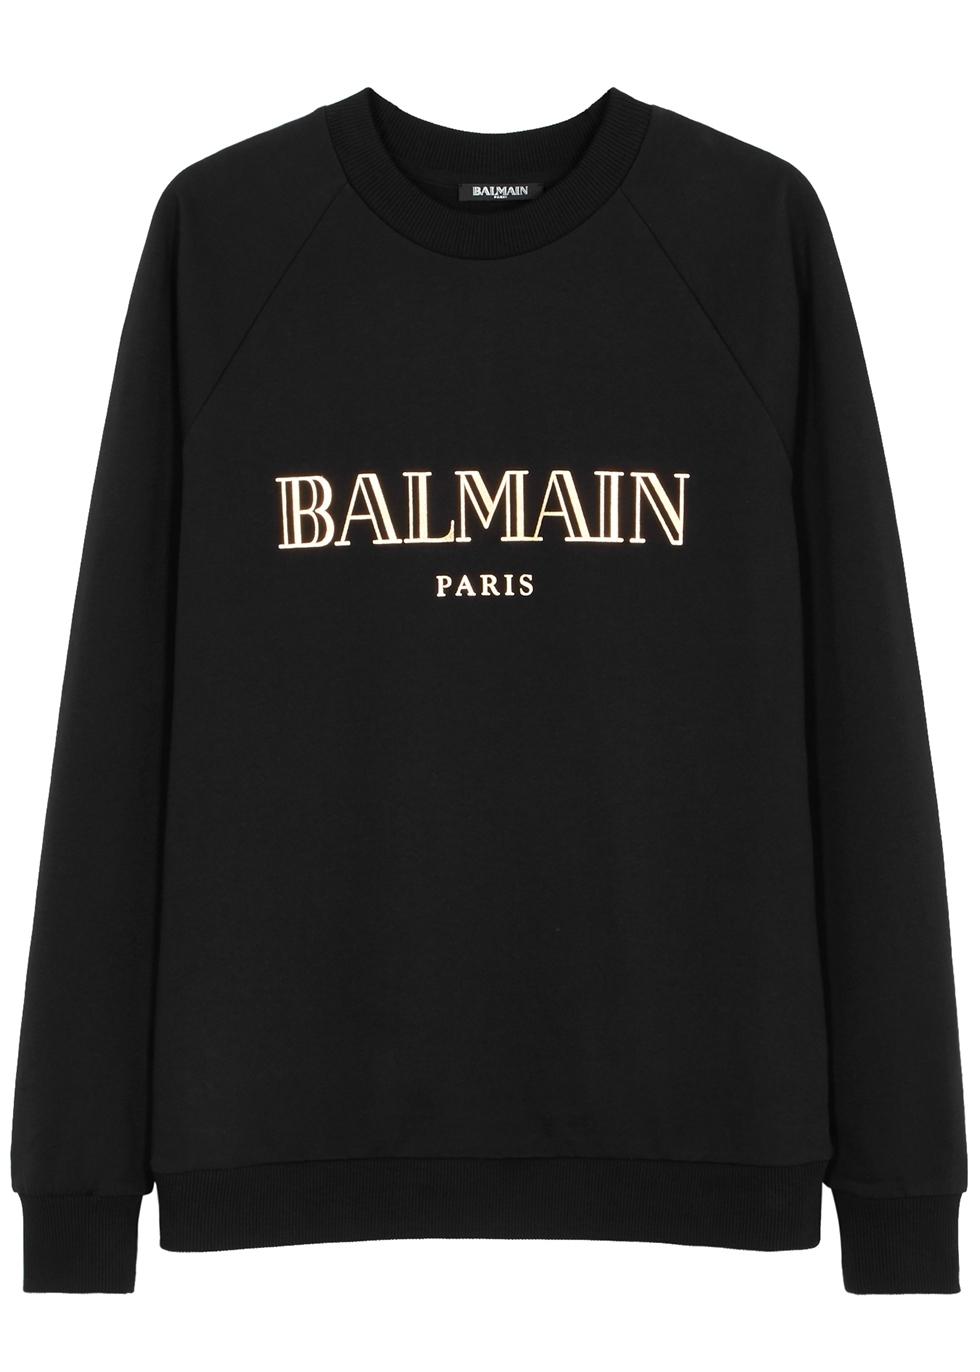 0cb17cac Balmain - Designer Jeans, Perfume & T-Shirts - Harvey Nichols